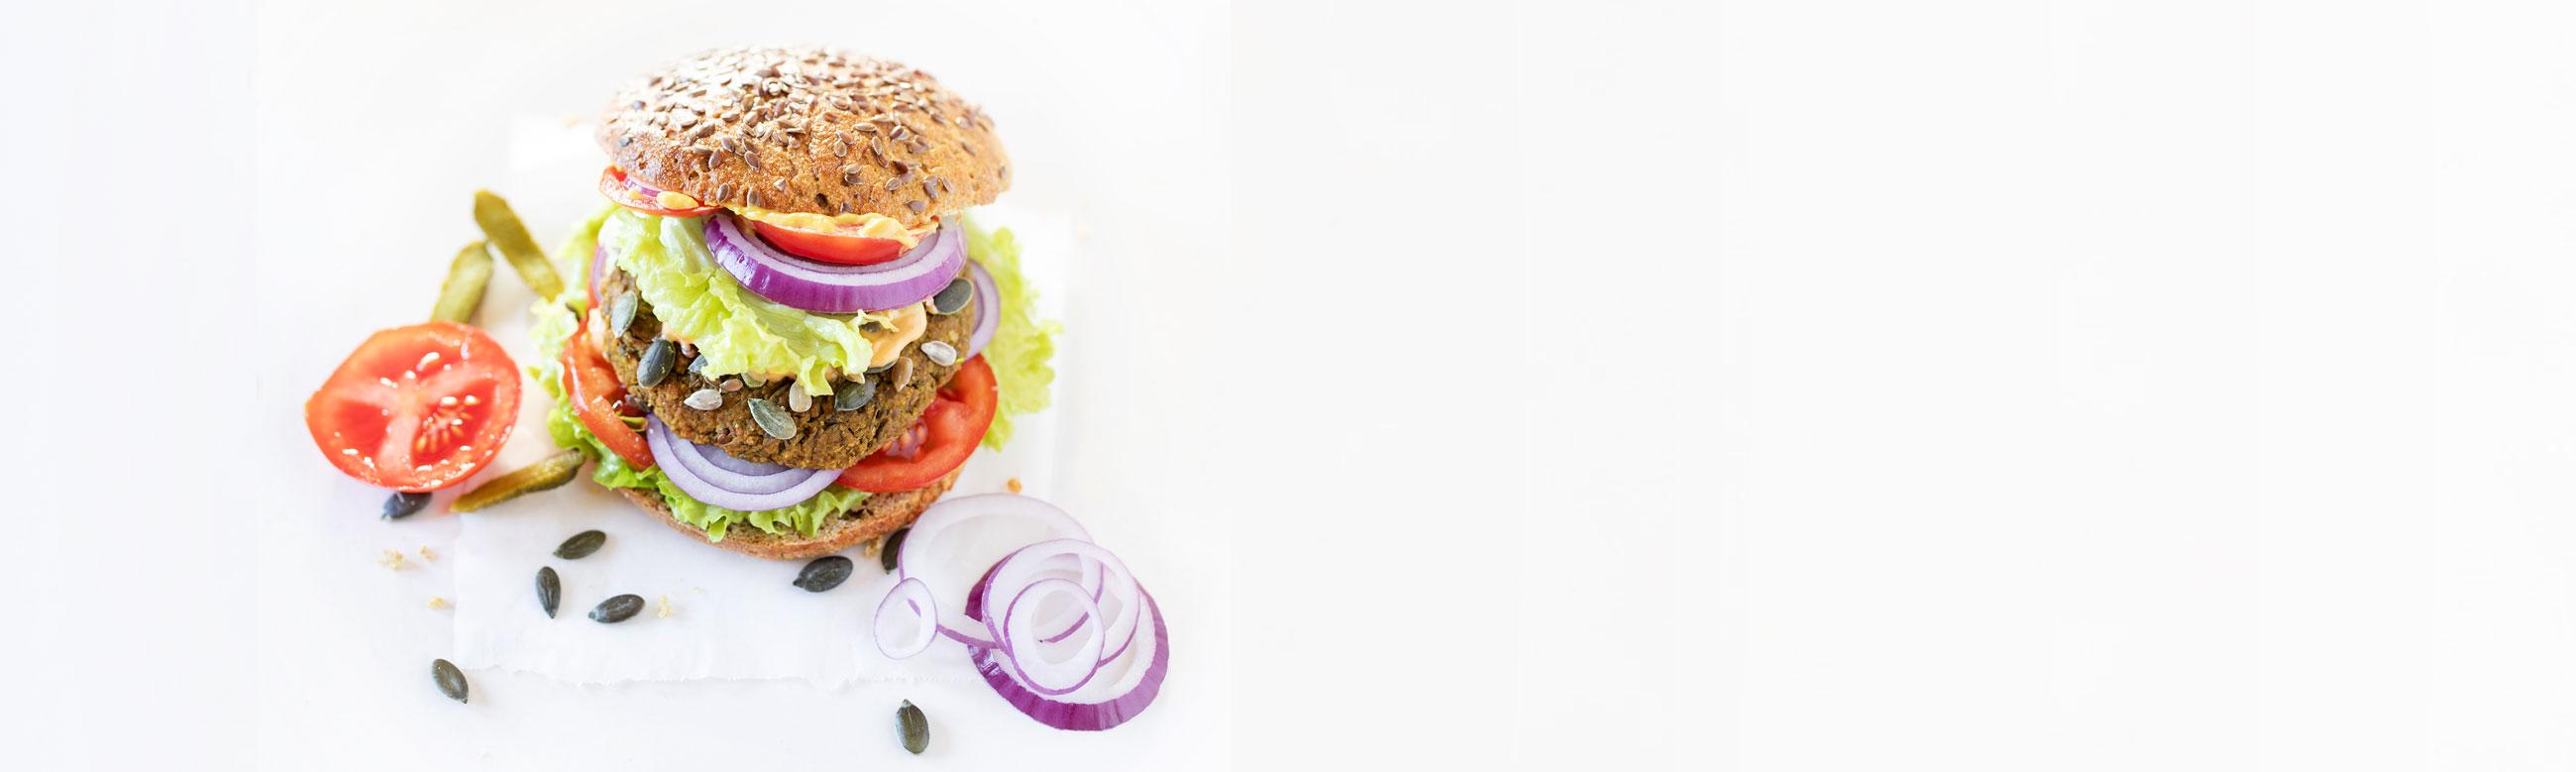 celia-goumard-photographe-culinaire-burg